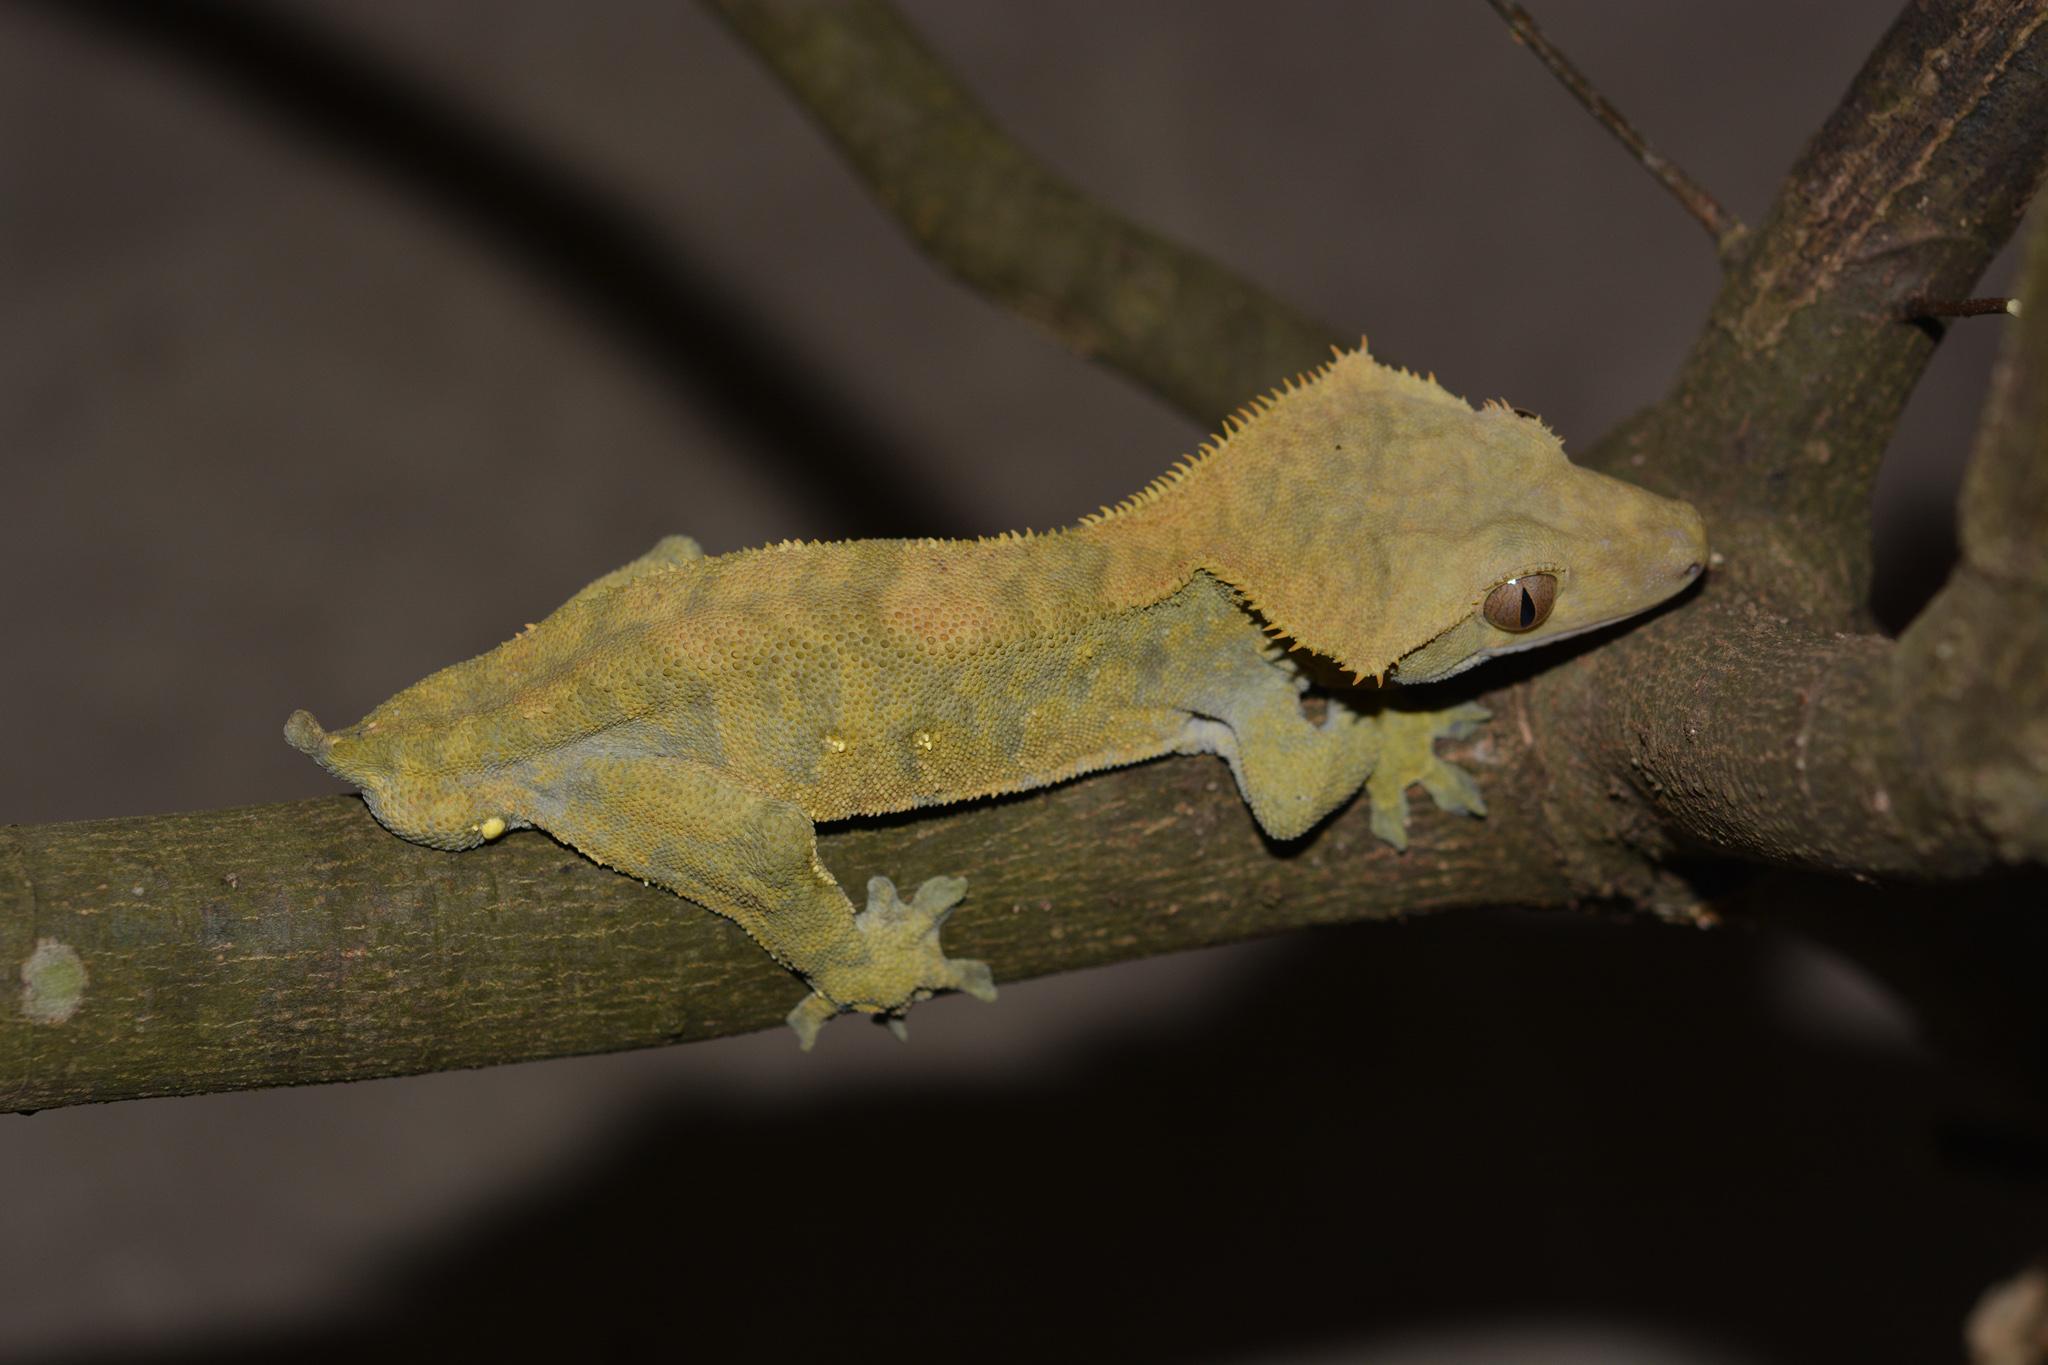 Correlophus_ciliatus_03.jpg